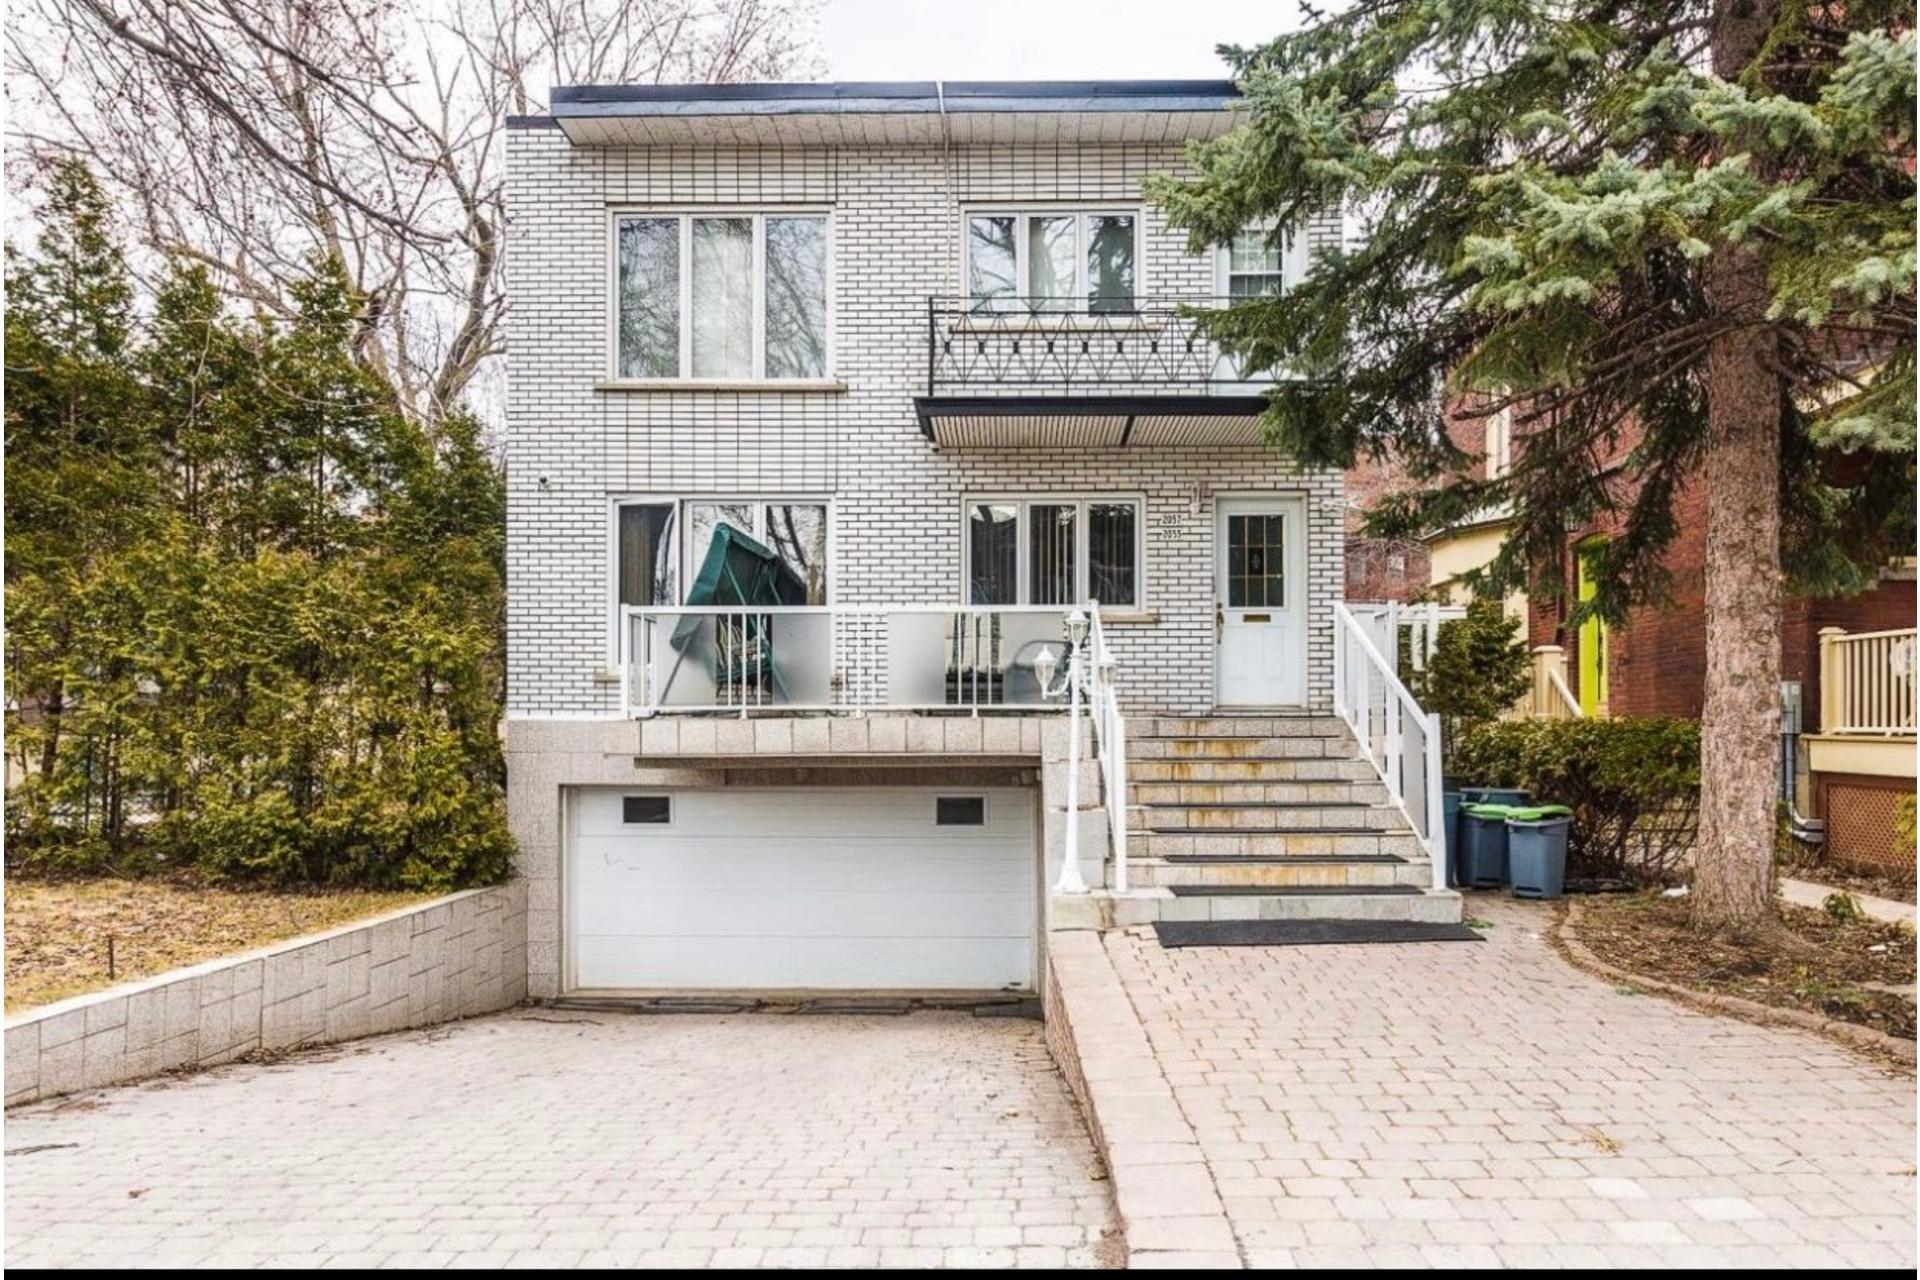 image 5 - Apartment For rent Côte-des-Neiges/Notre-Dame-de-Grâce Montréal  - 5 rooms